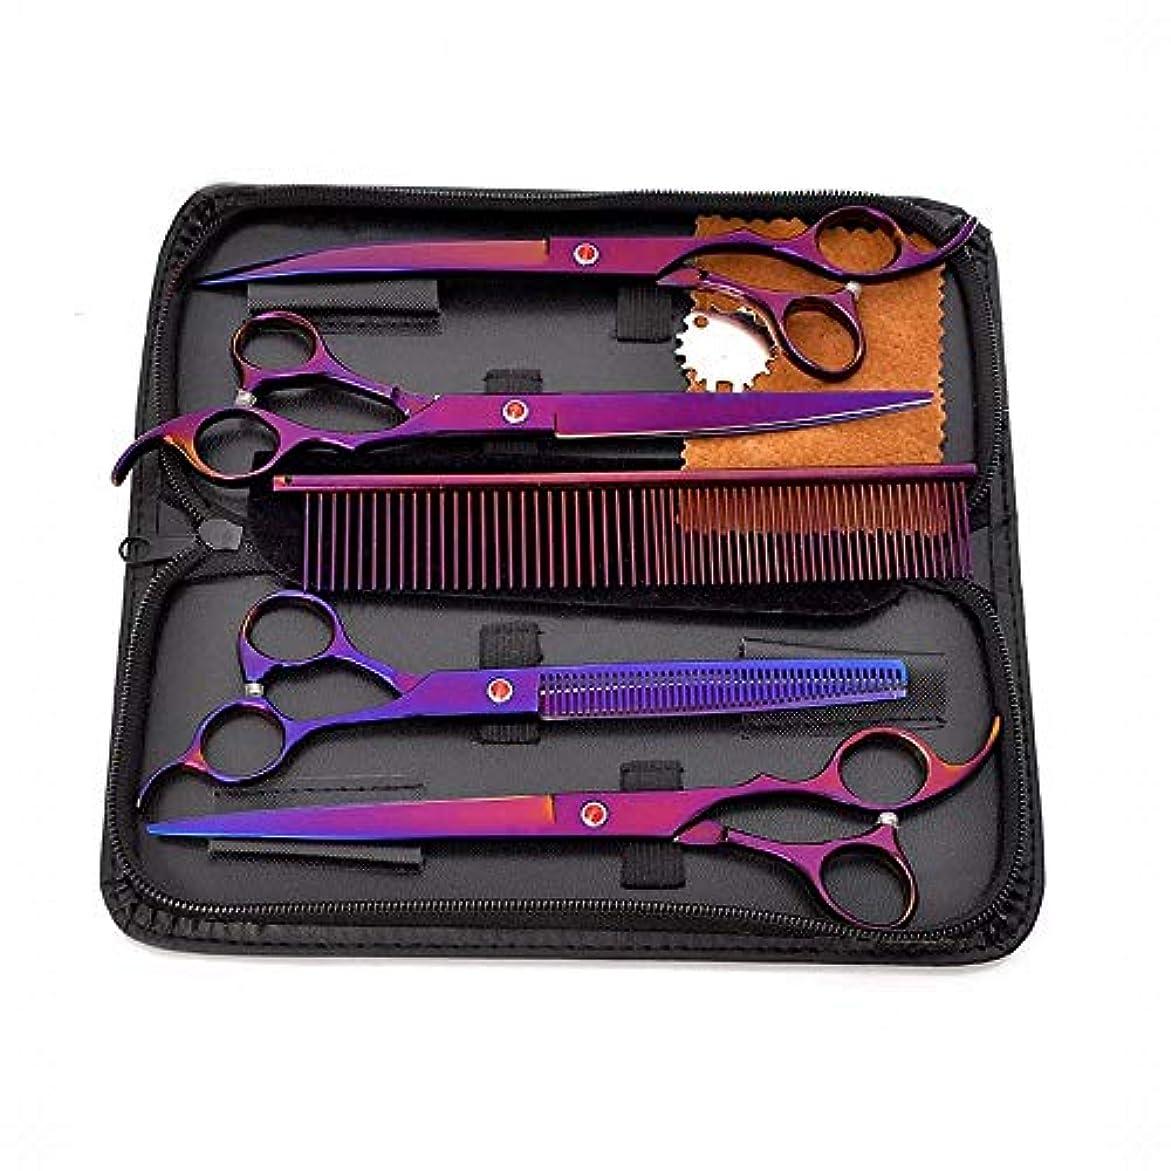 導出サイズスパン理髪用はさみ 8インチペットグルーミングはさみ4のセット、ステンレス鋼パープルペットプロフェッショナル理髪セットフラットせん断+歯はさみヘアカットはさみステンレス理髪はさみ (色 : 紫の)